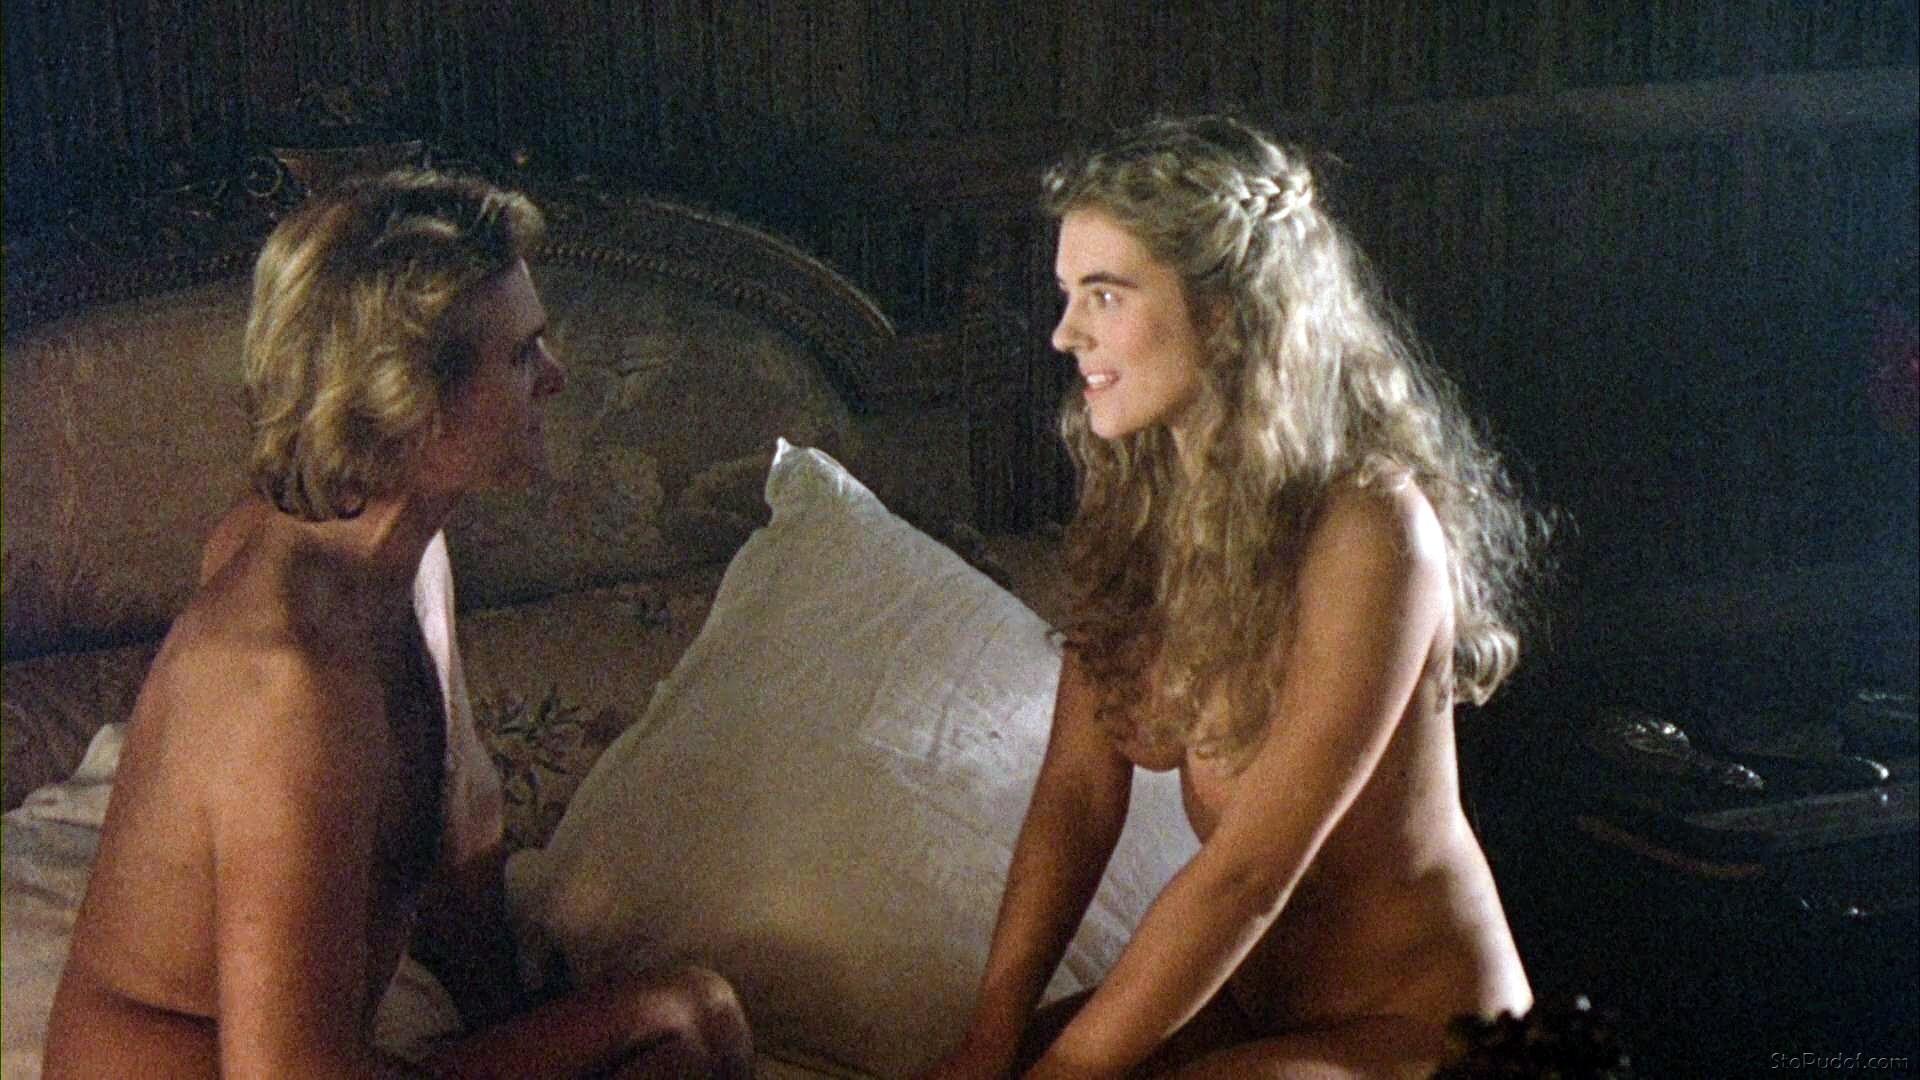 Daughter incest sex nude gif